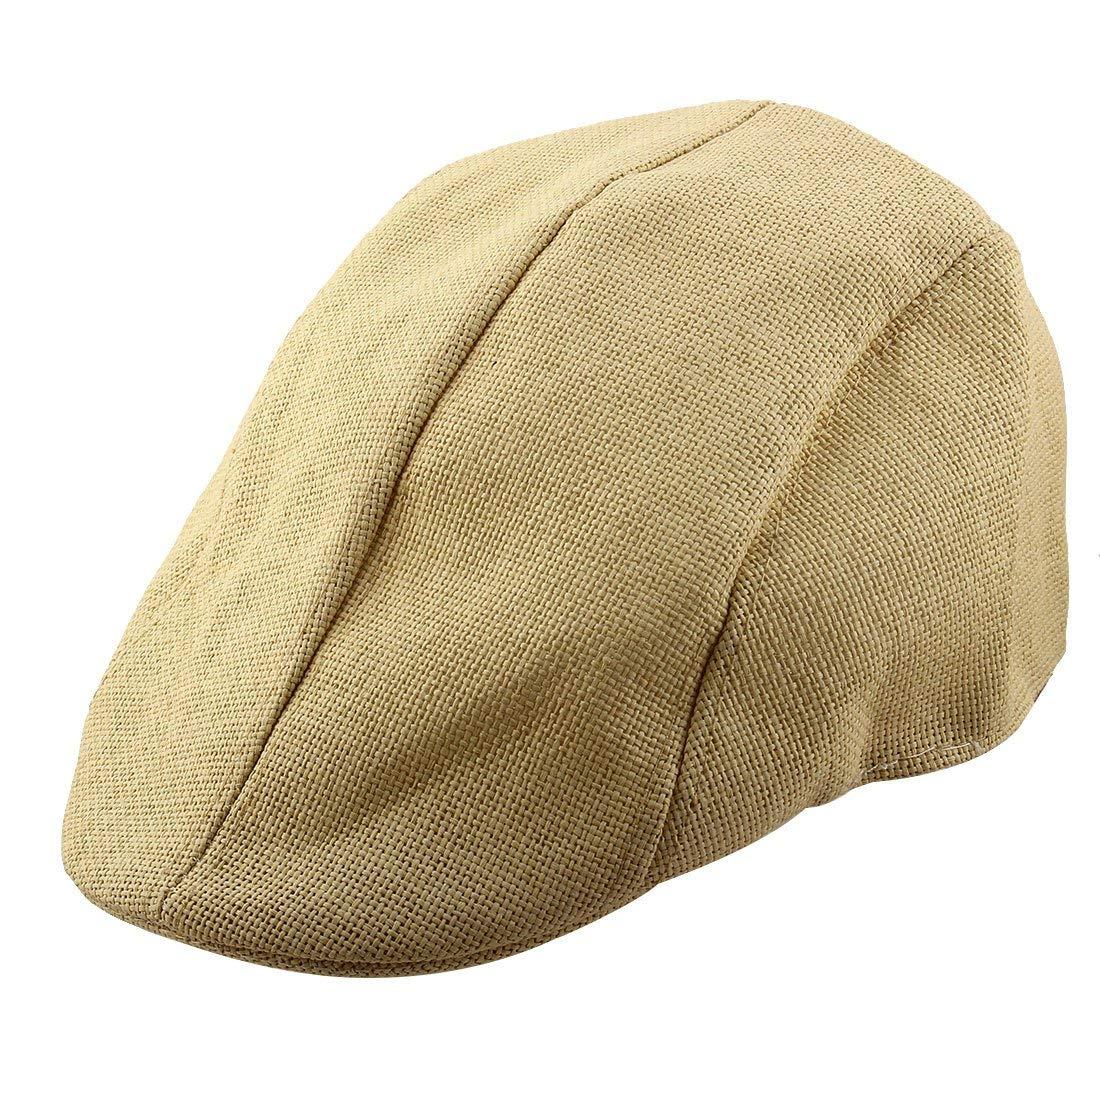 2706e76f42f27 Get Quotations · uxcell Men Women Straw Ivy Cap Cabbie Driving Golf Summer  Sun Mesh Flat Beret Hat